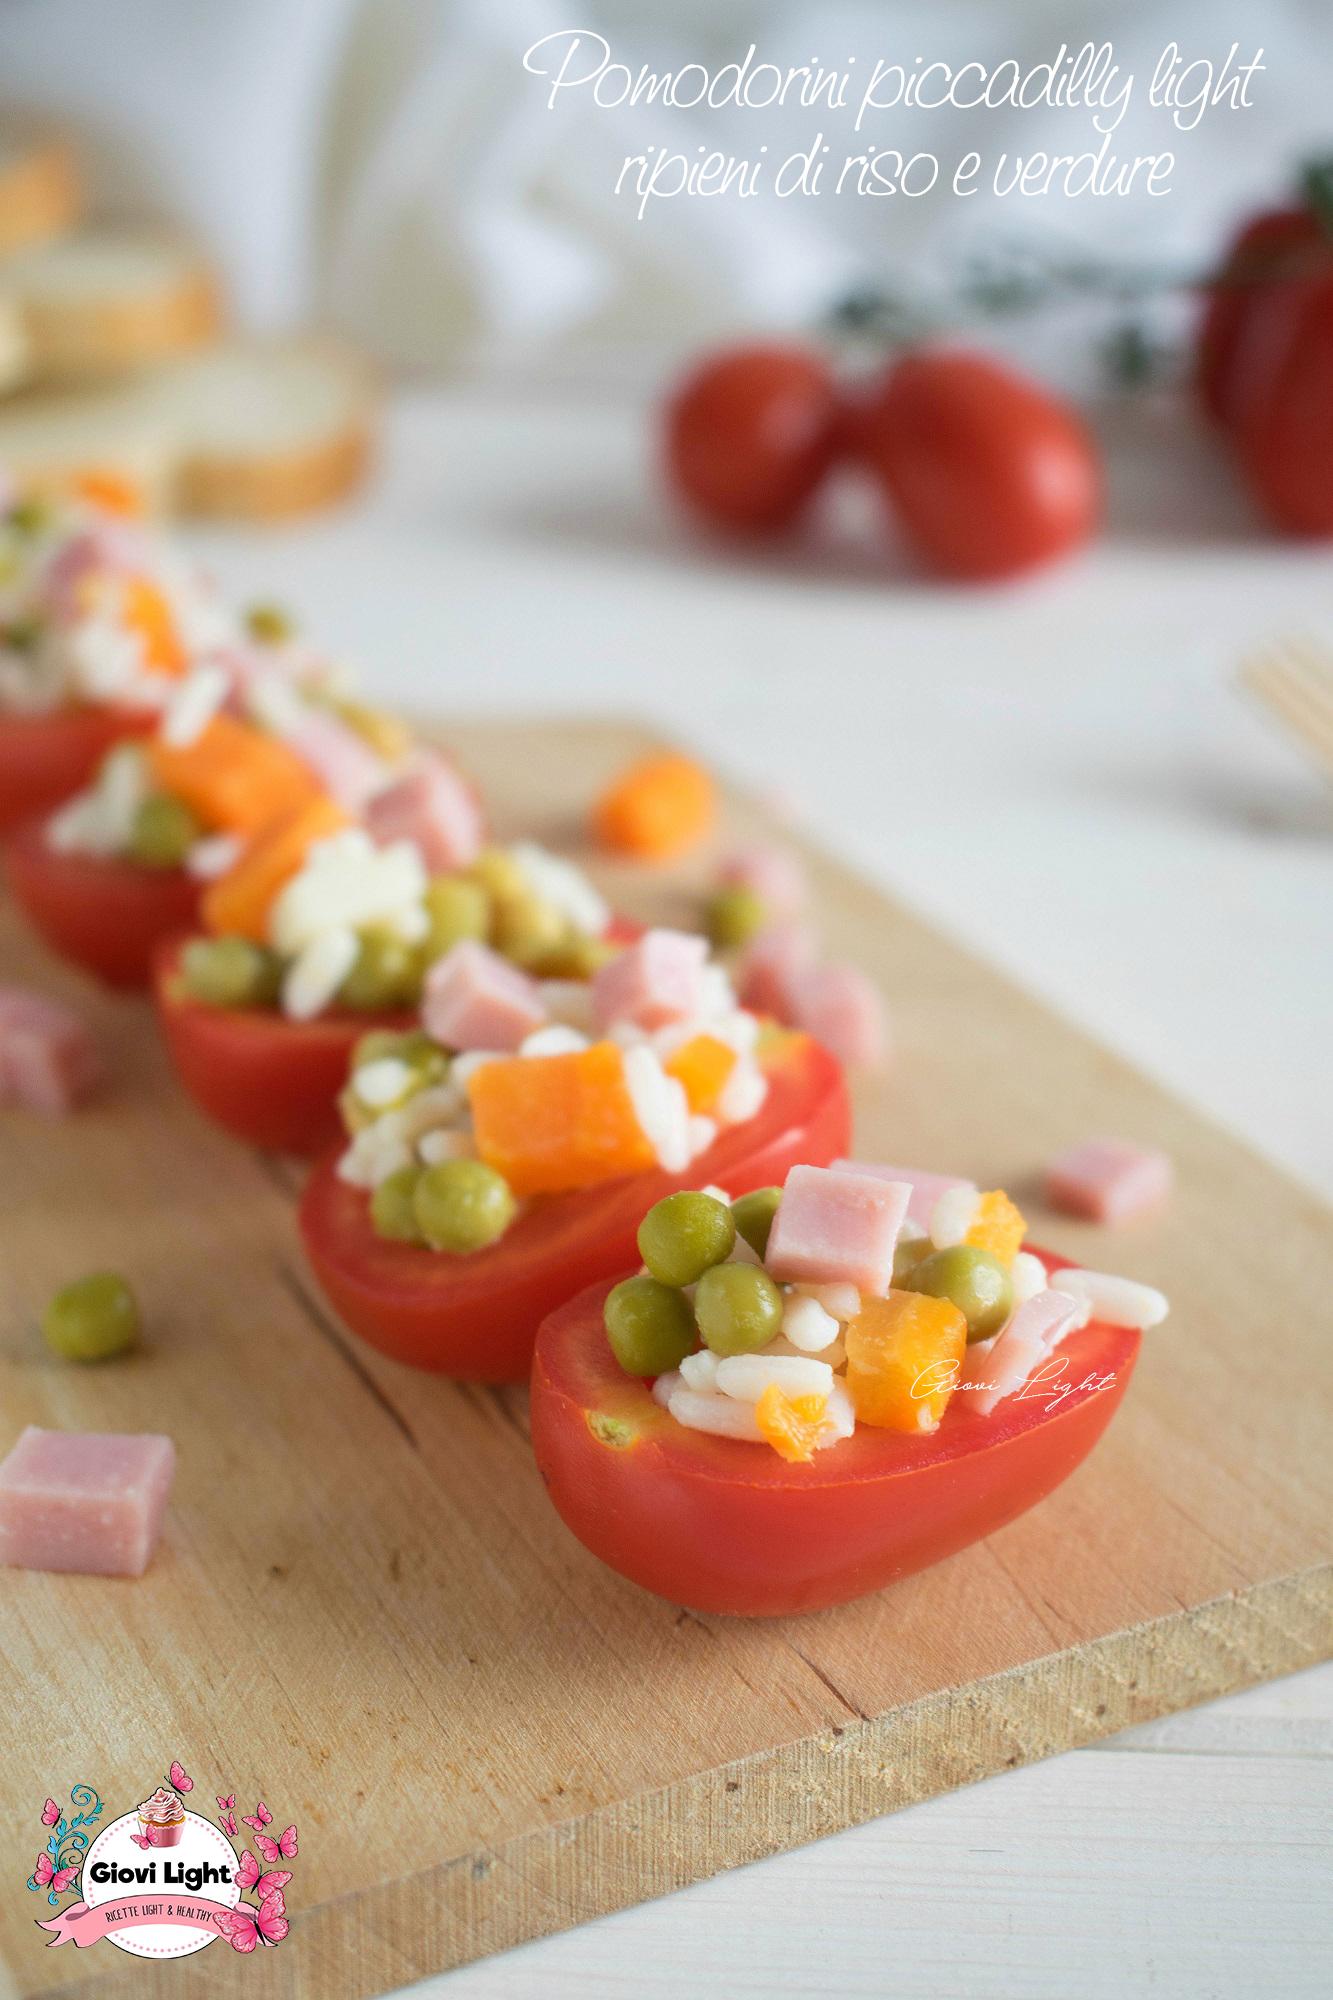 Pomodorini piccadilly light ripieni di riso e verdure - ricetta finger food